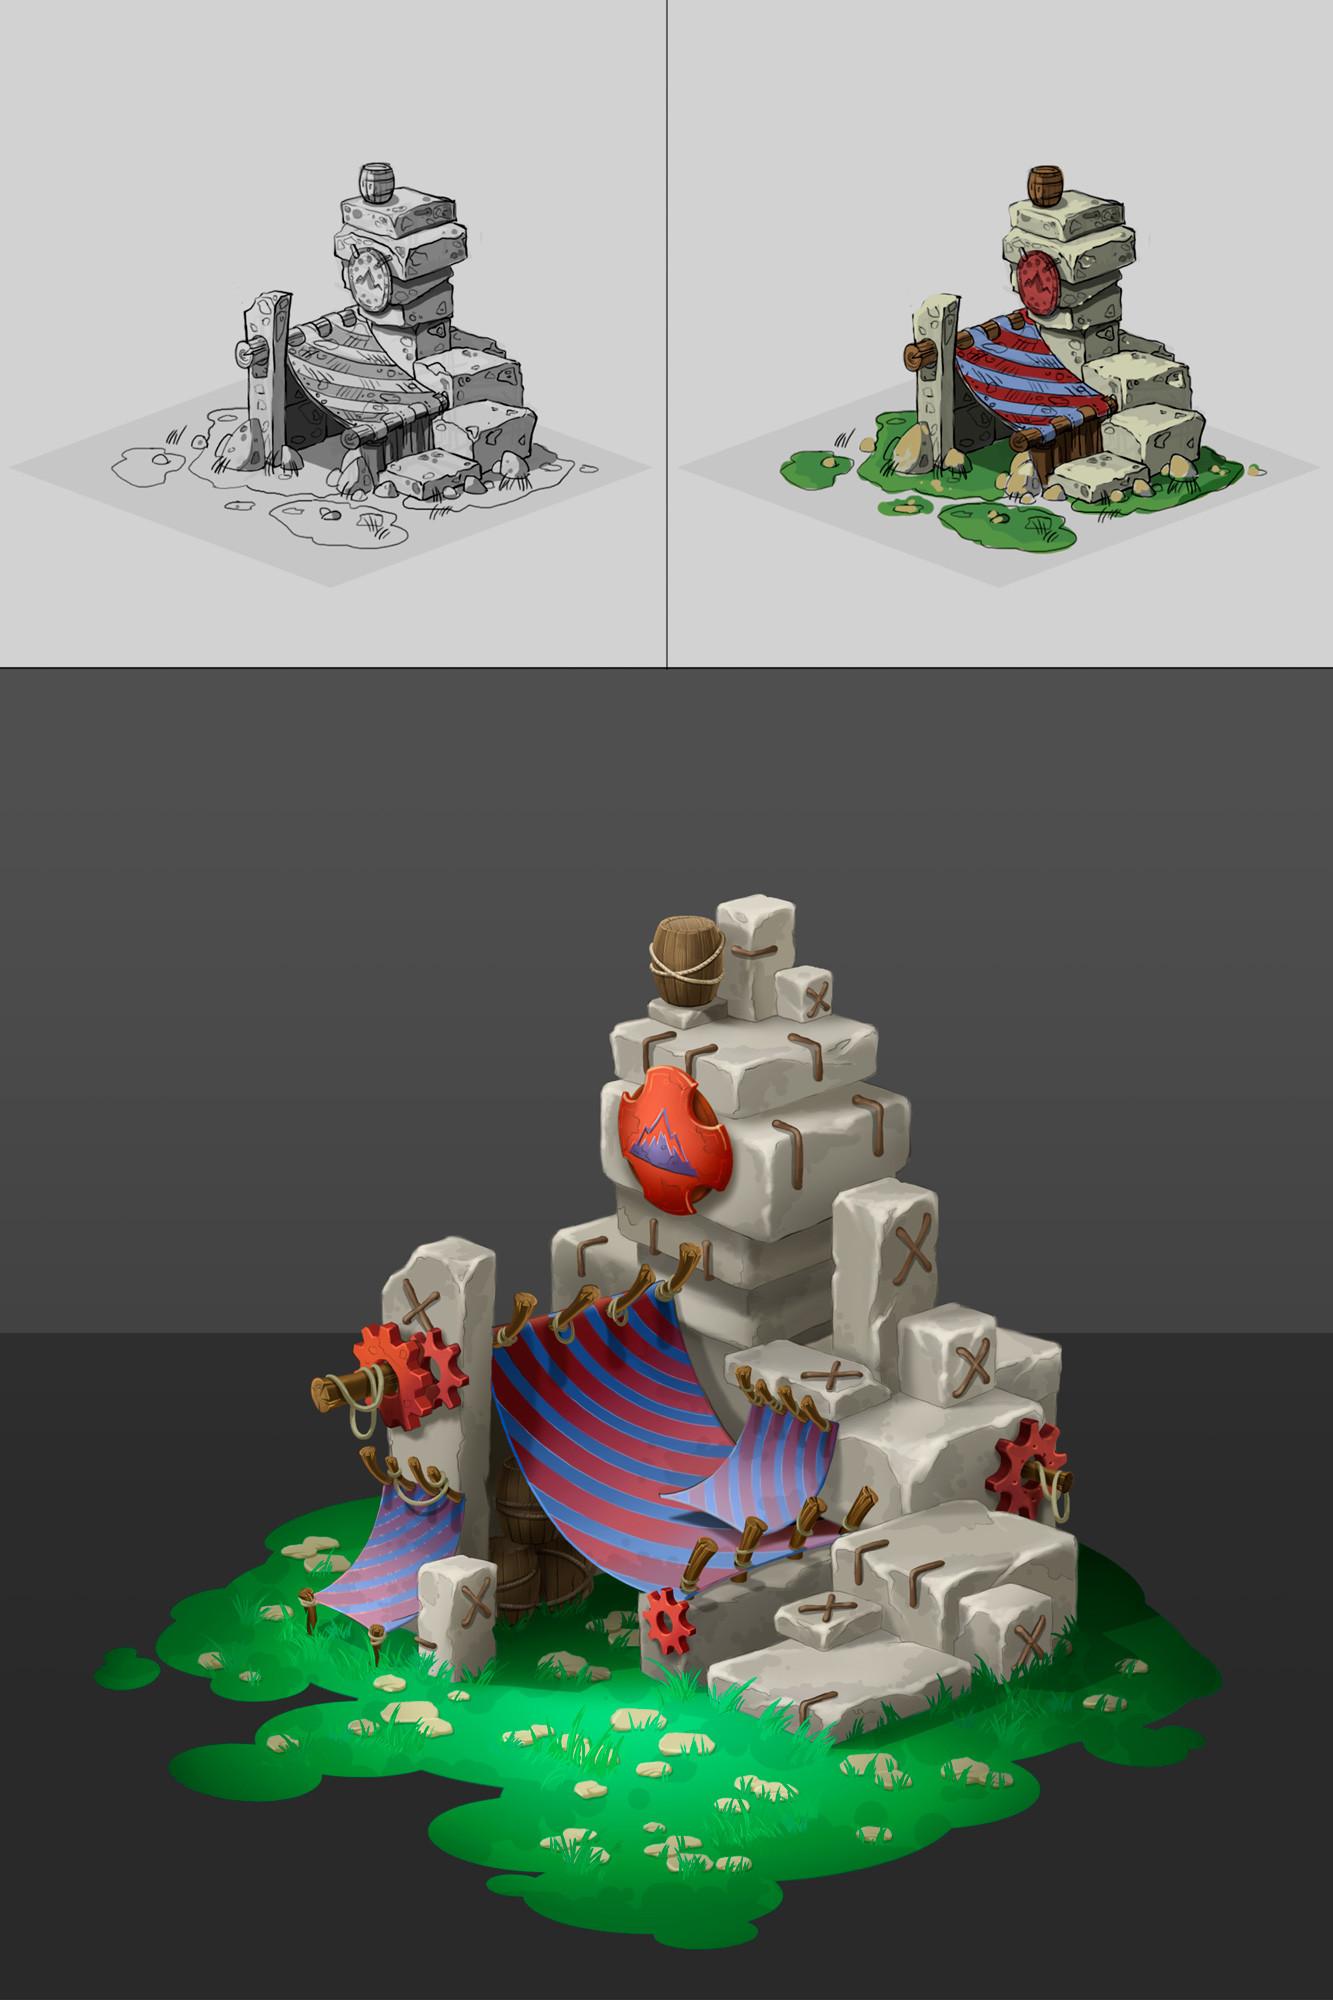 Maria klymenko watchtower dwarf level1